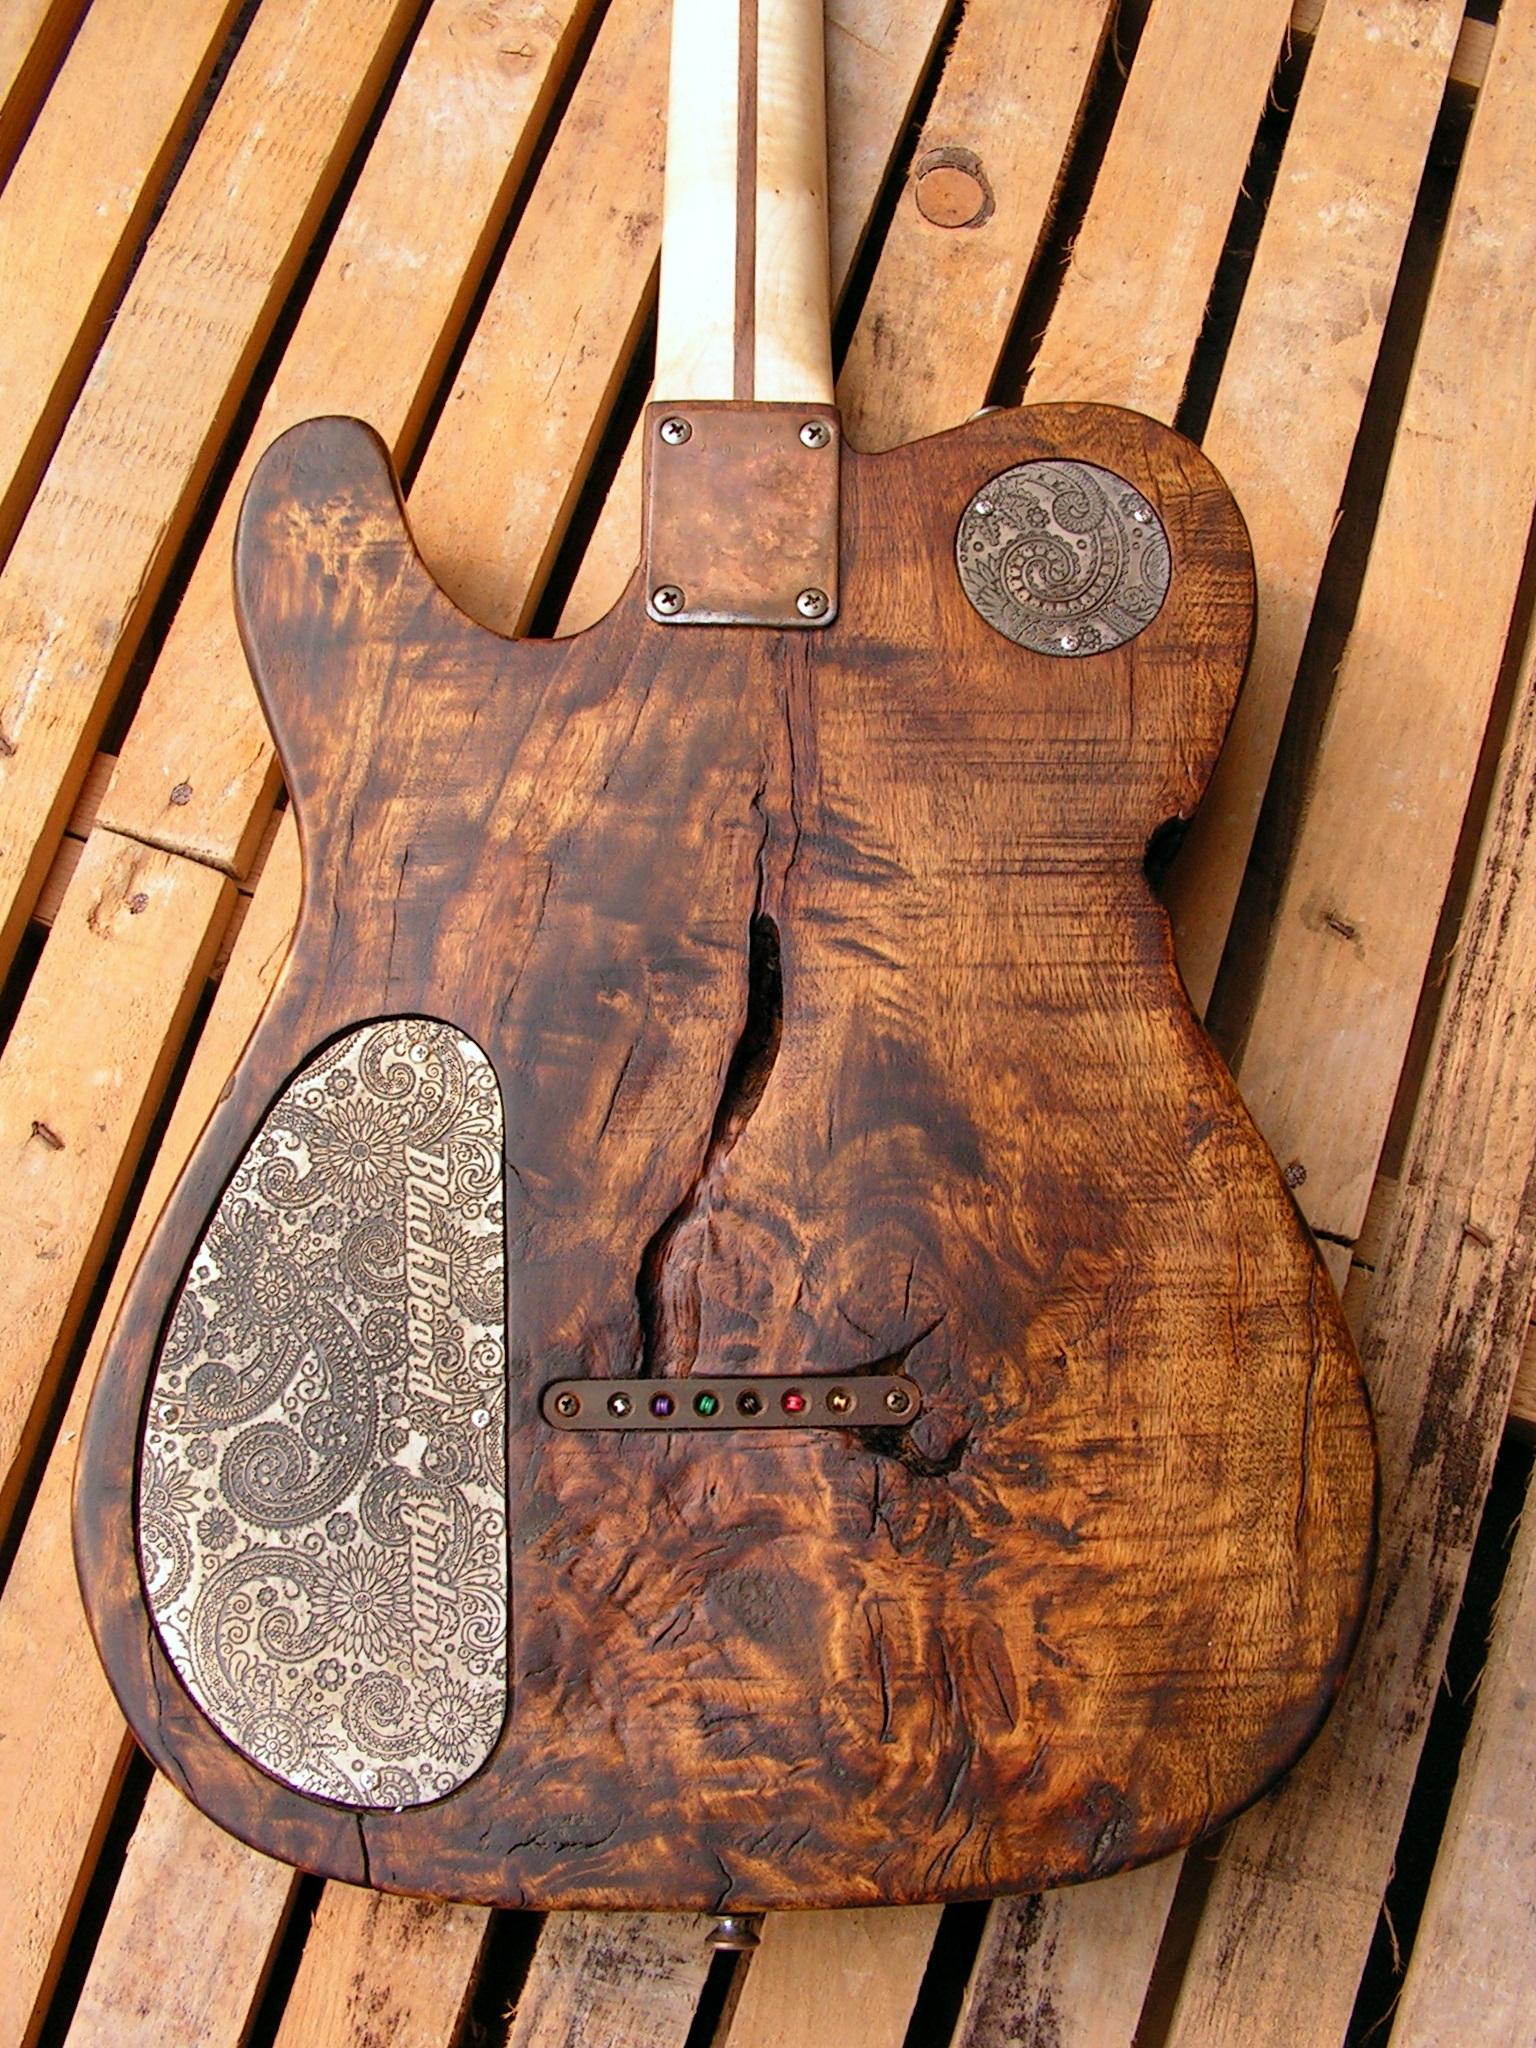 Retro del body in pioppo secolare di una chitarra elettrica Telecaster con manico in acero